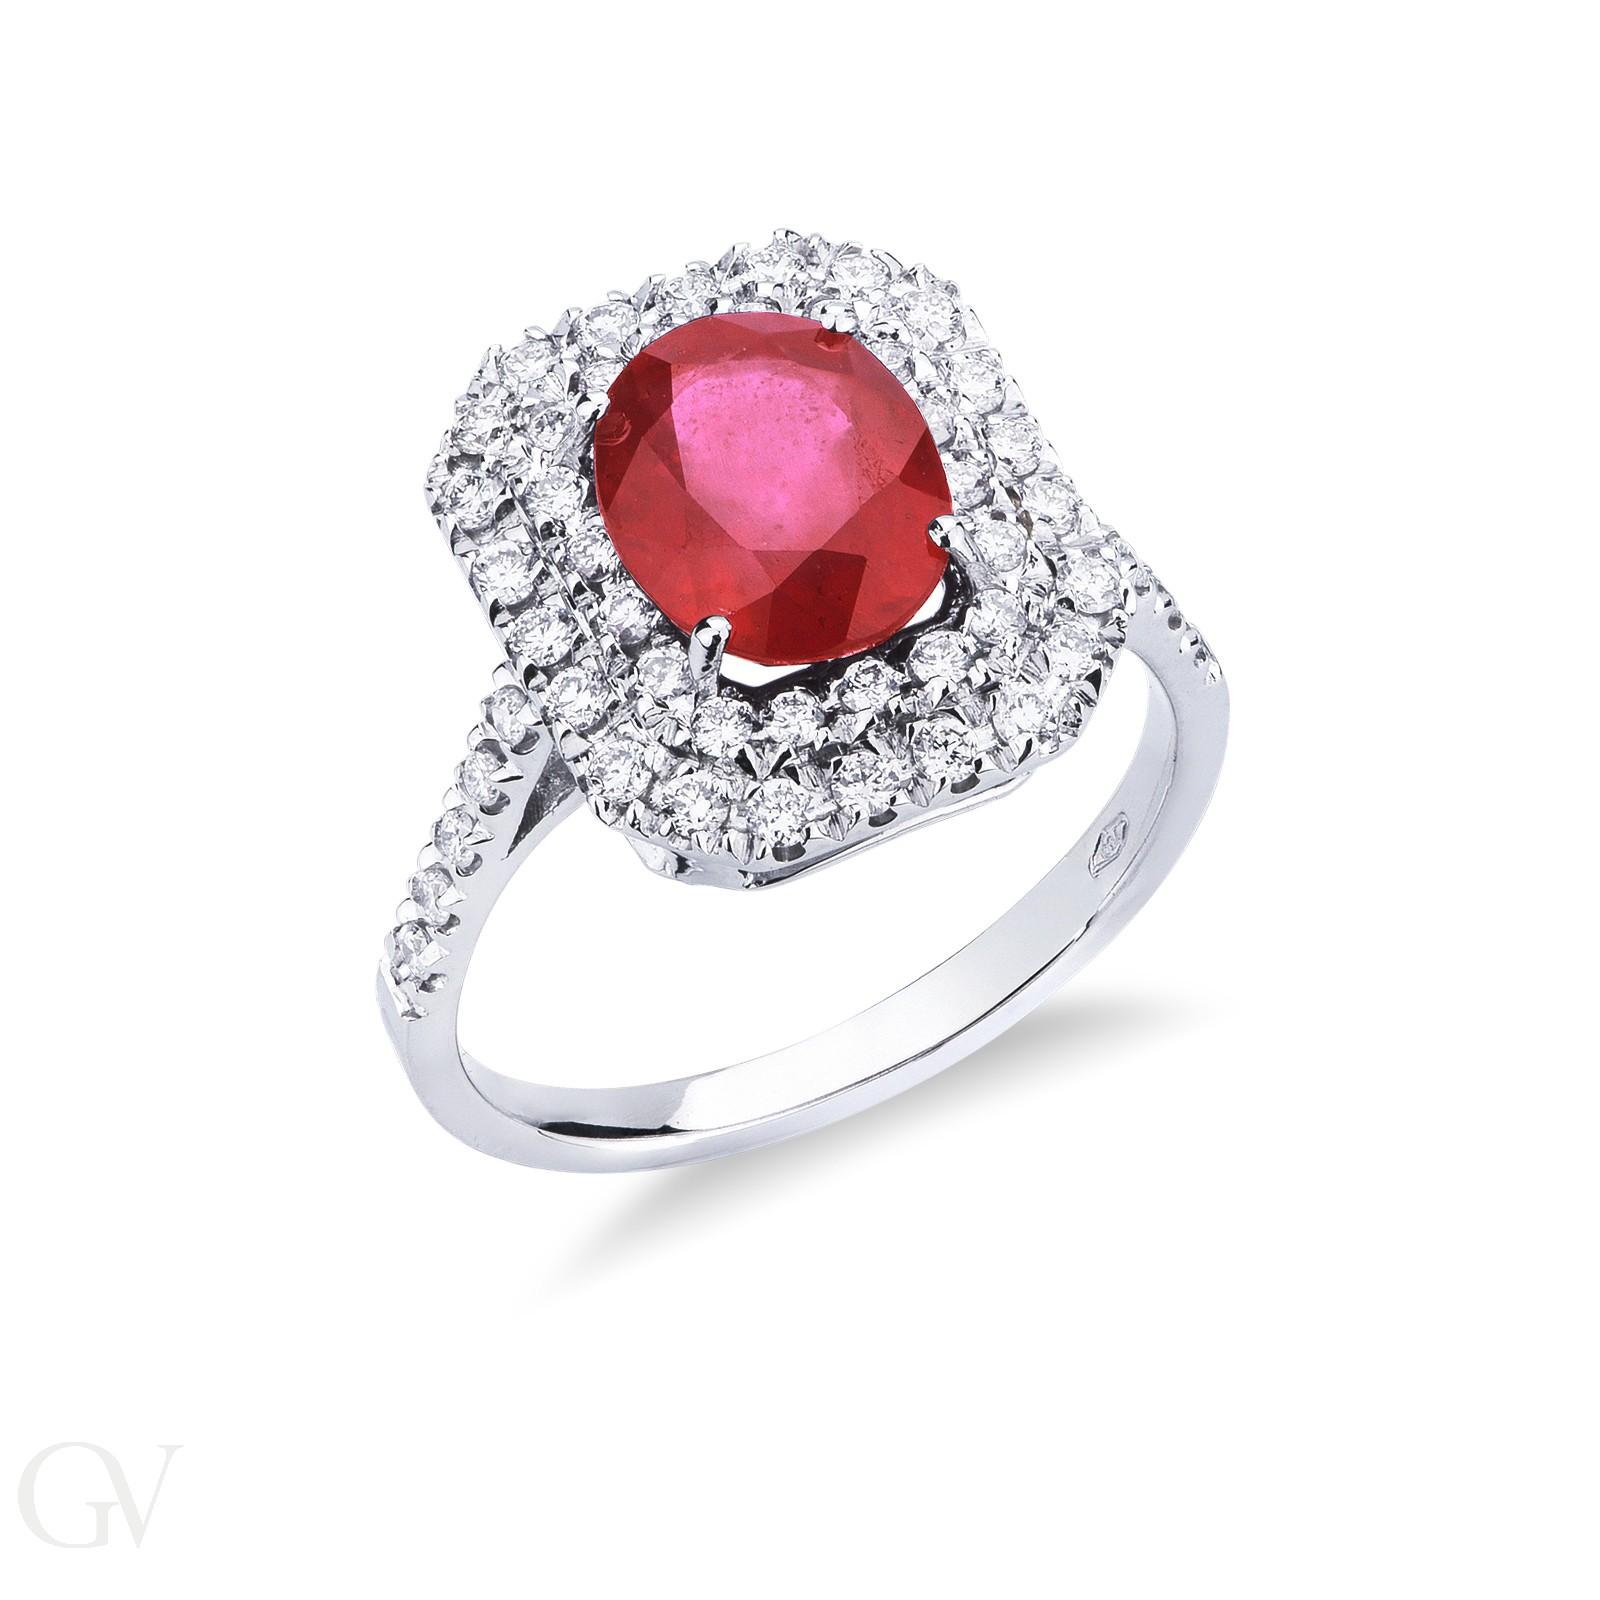 Anello Contorno in oro bianco 18k con Rubino e diamanti.